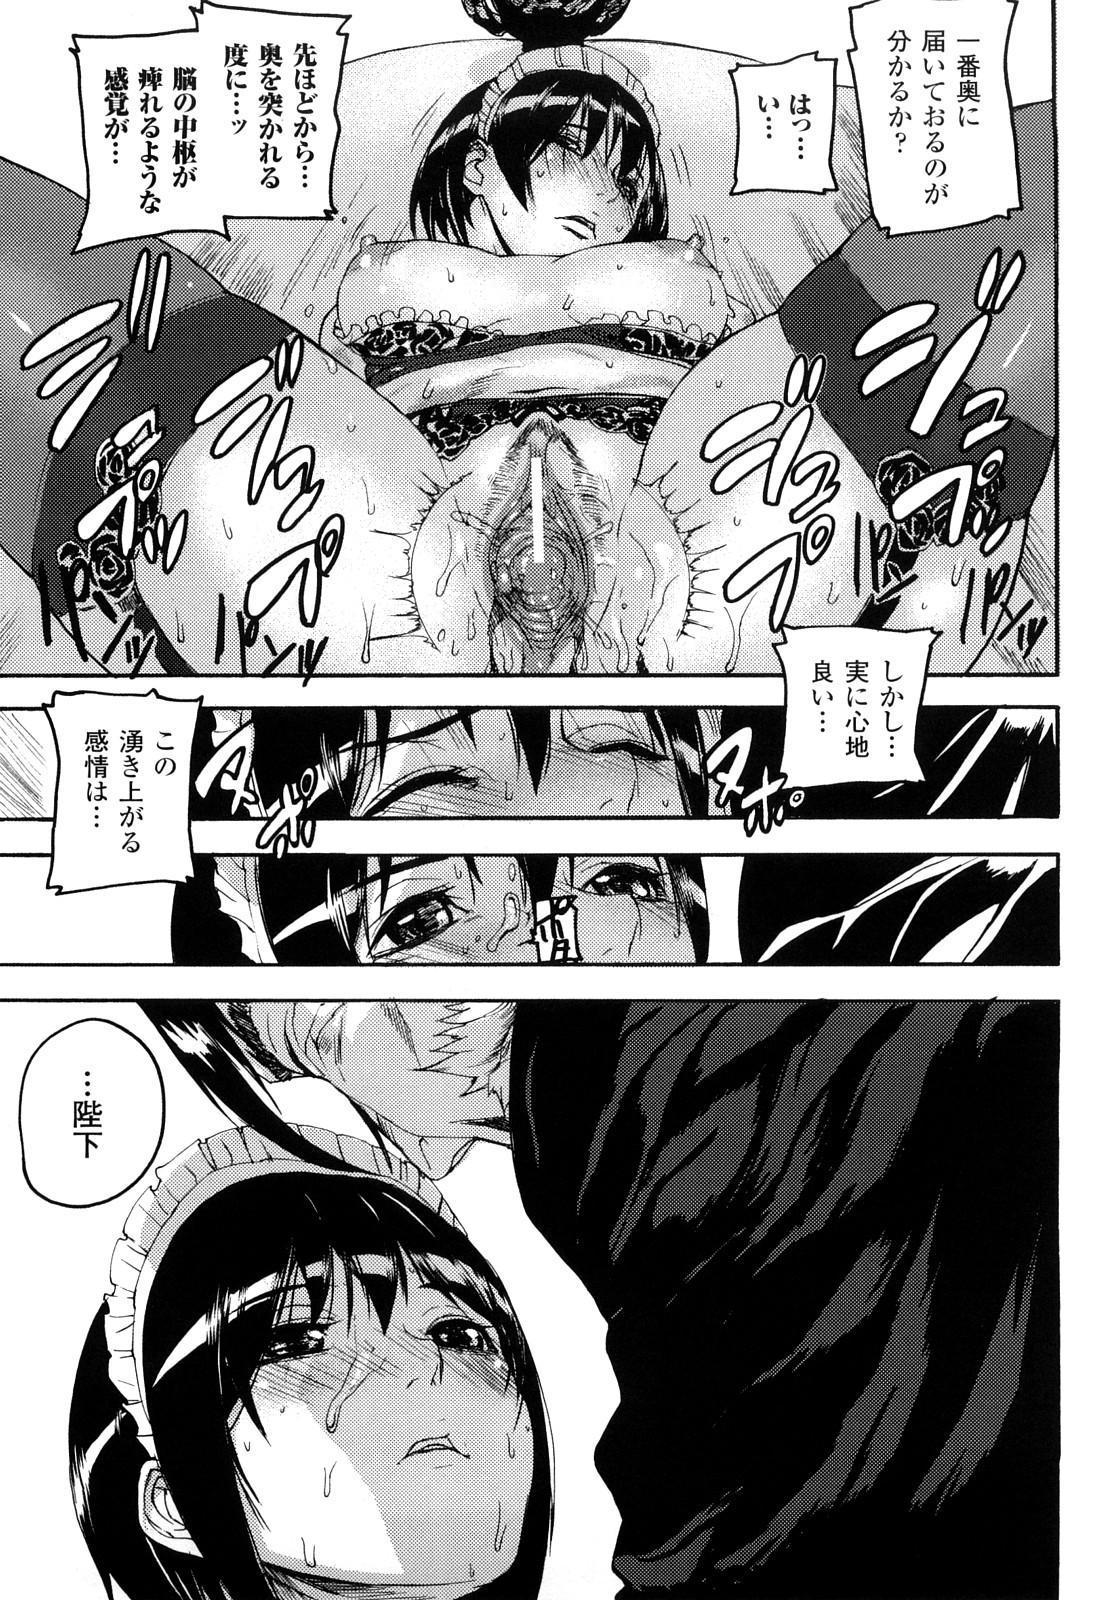 Cerberum no Hitsugi Haitoku no Hanmegami - The Coffin of Cerebrum Immoral Demivenus 75